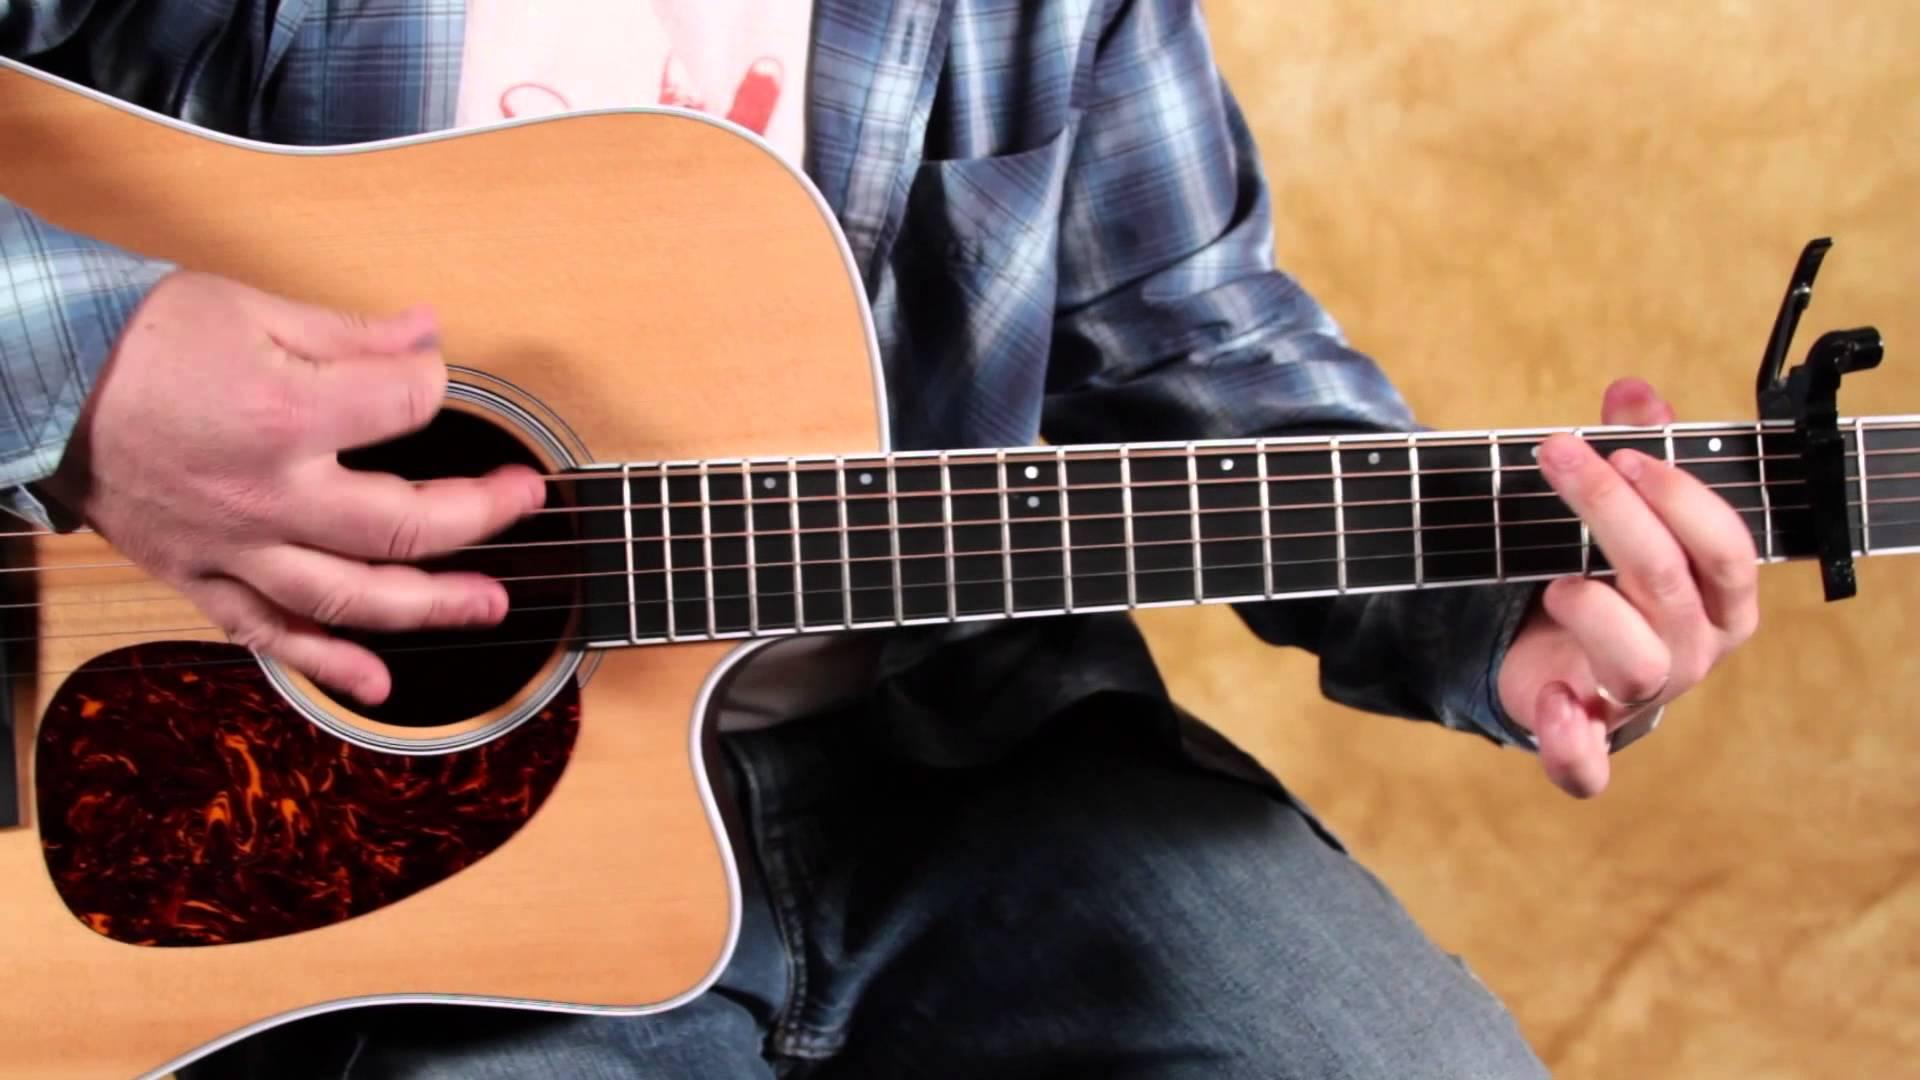 Hướng dẫn chơi đàn Guitar Acoustic